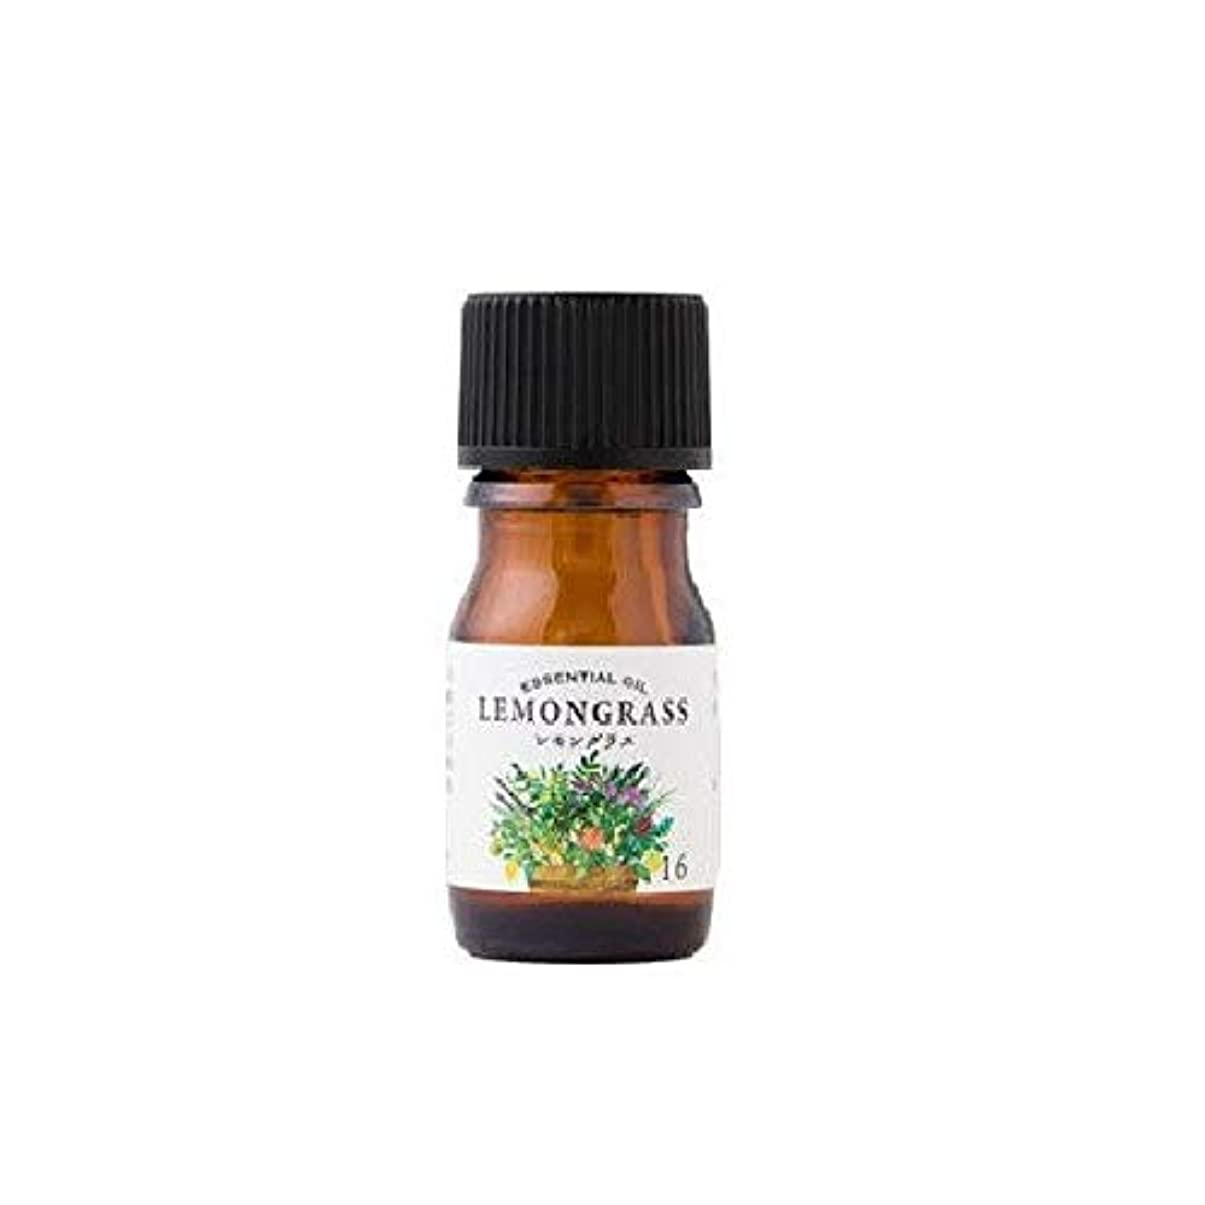 アソシエイトアイドルオーストラリア生活の木 エッセンシャルオイル レモングラス 5ml 08-020-1160